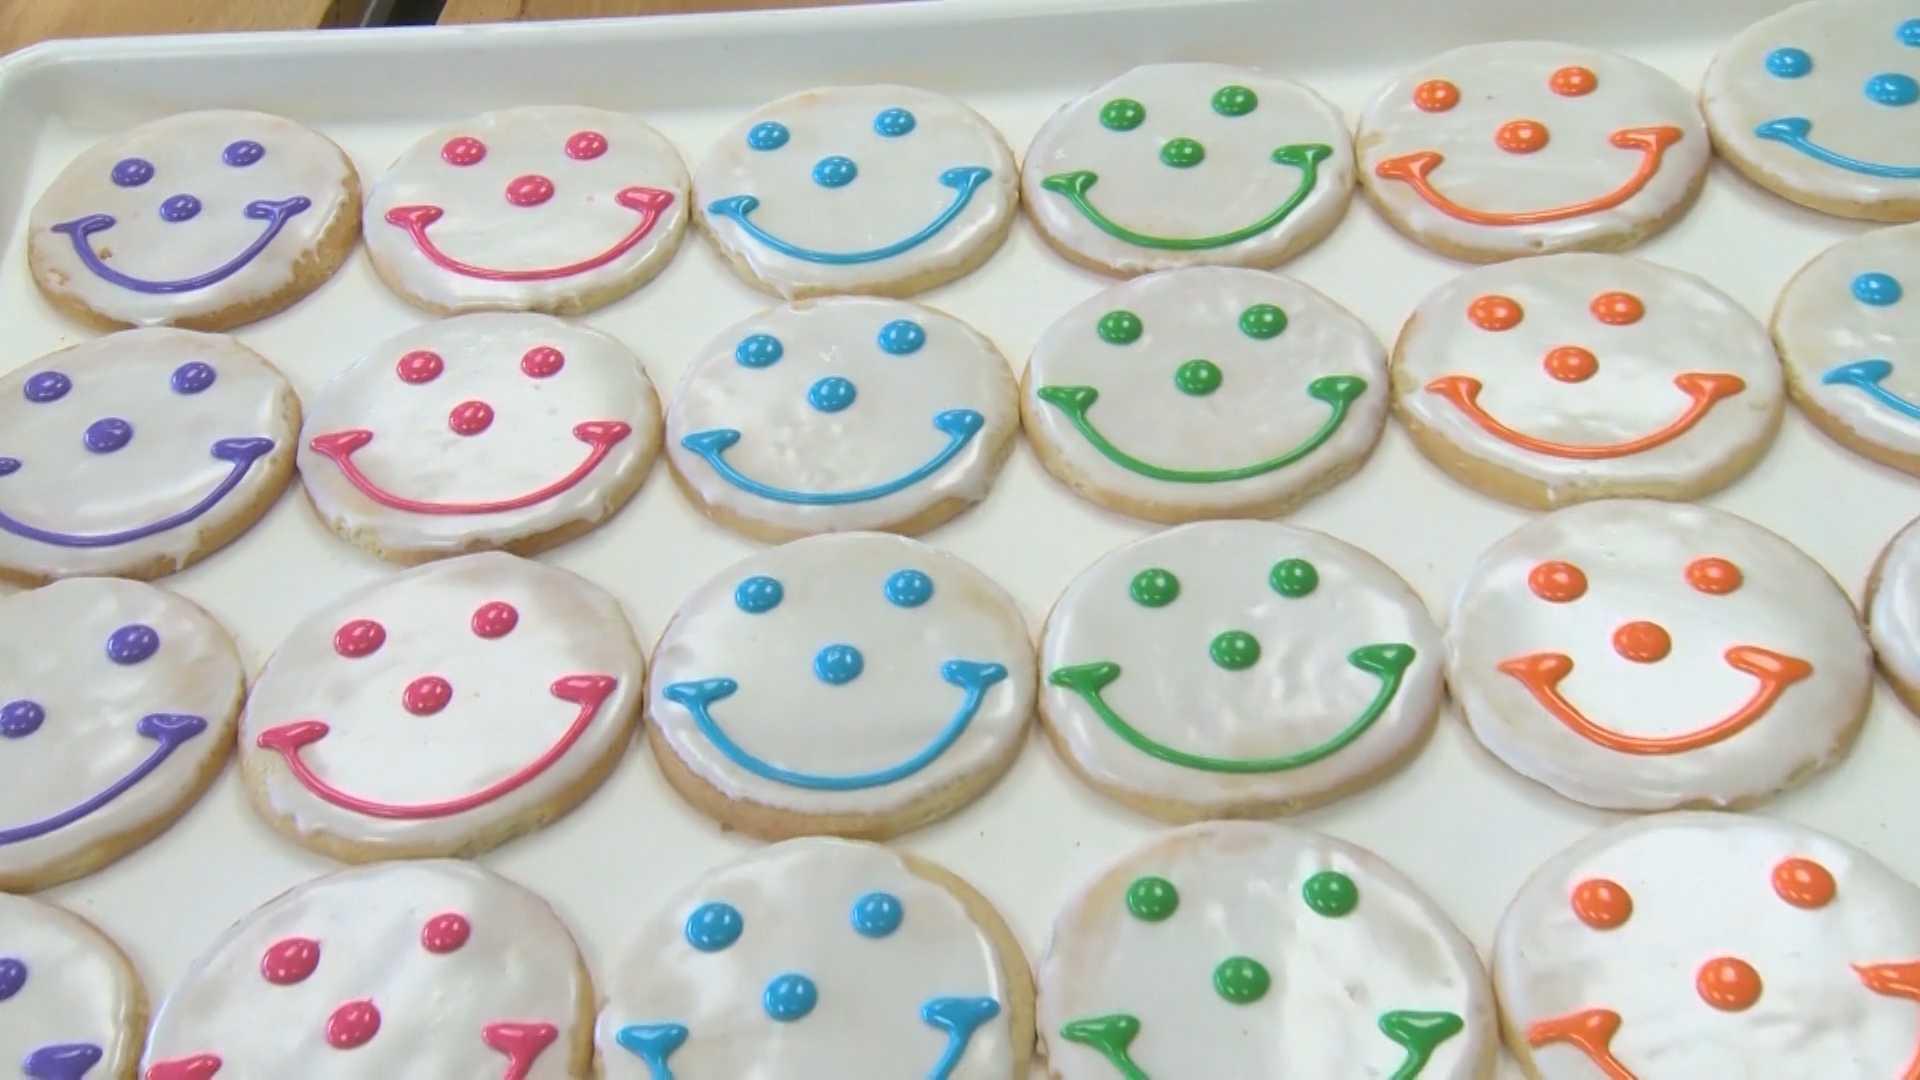 Eat'n Park Smiley cookies